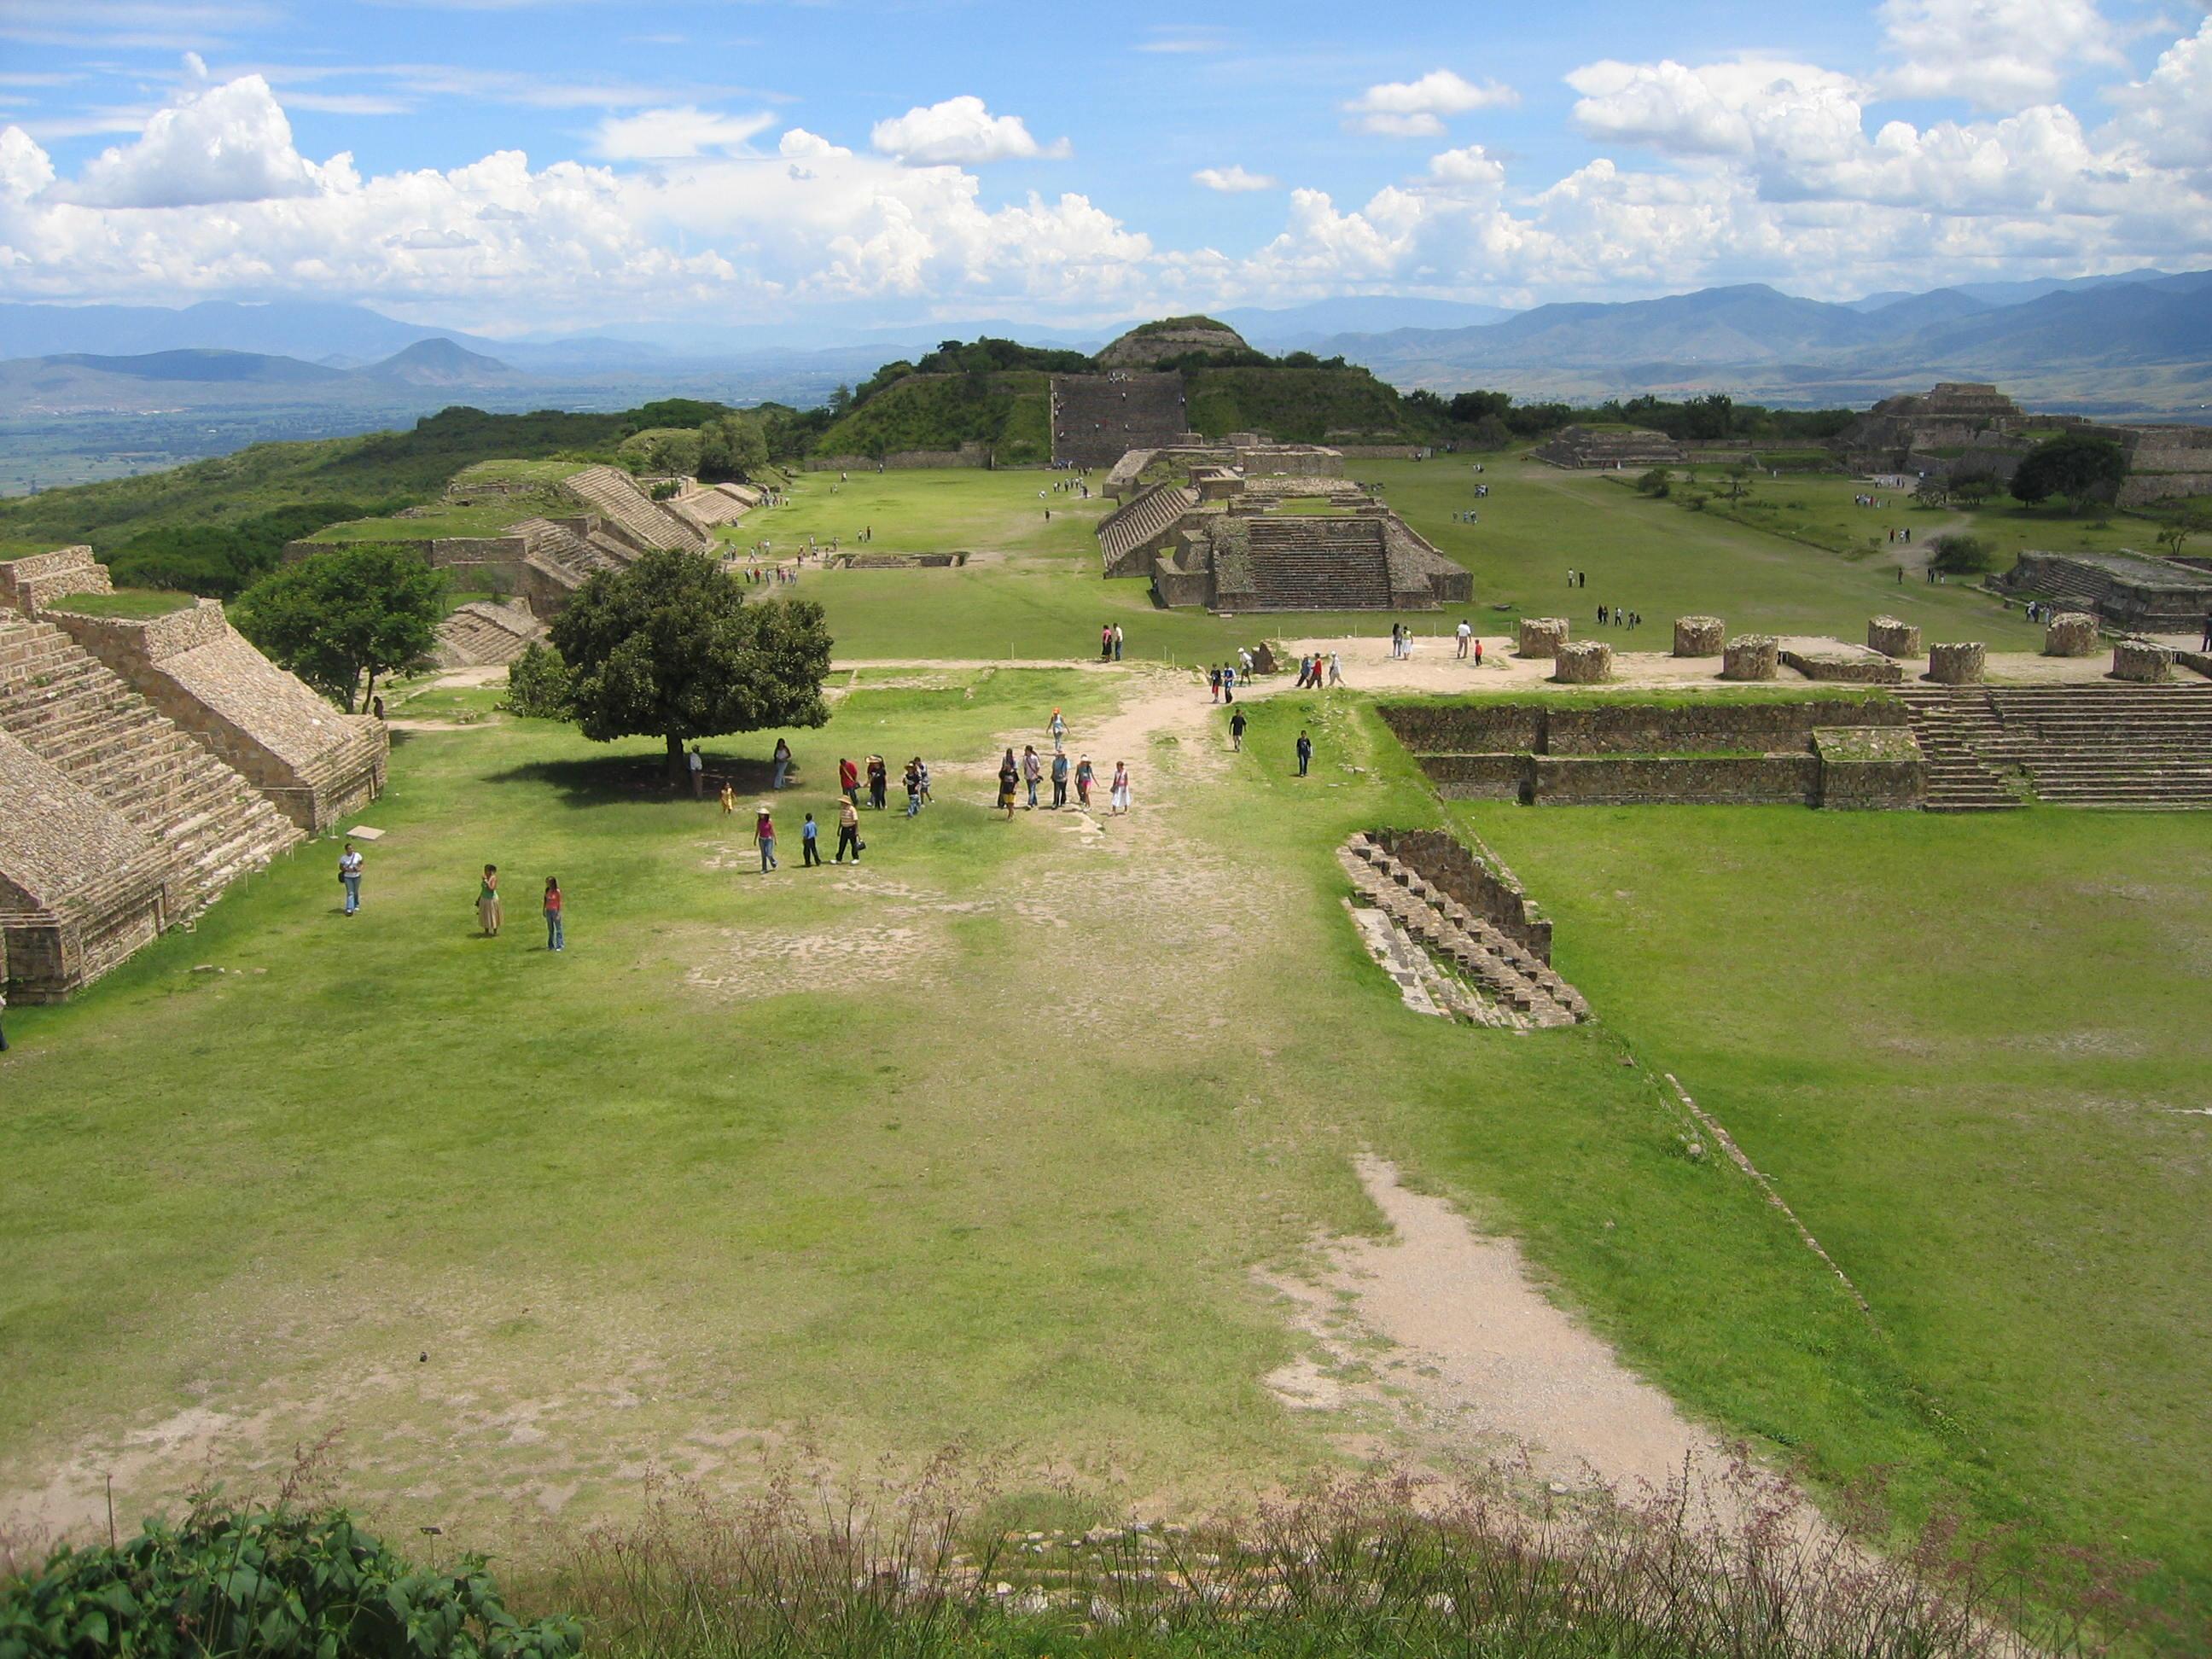 Mexico: Lugares turisticos e info